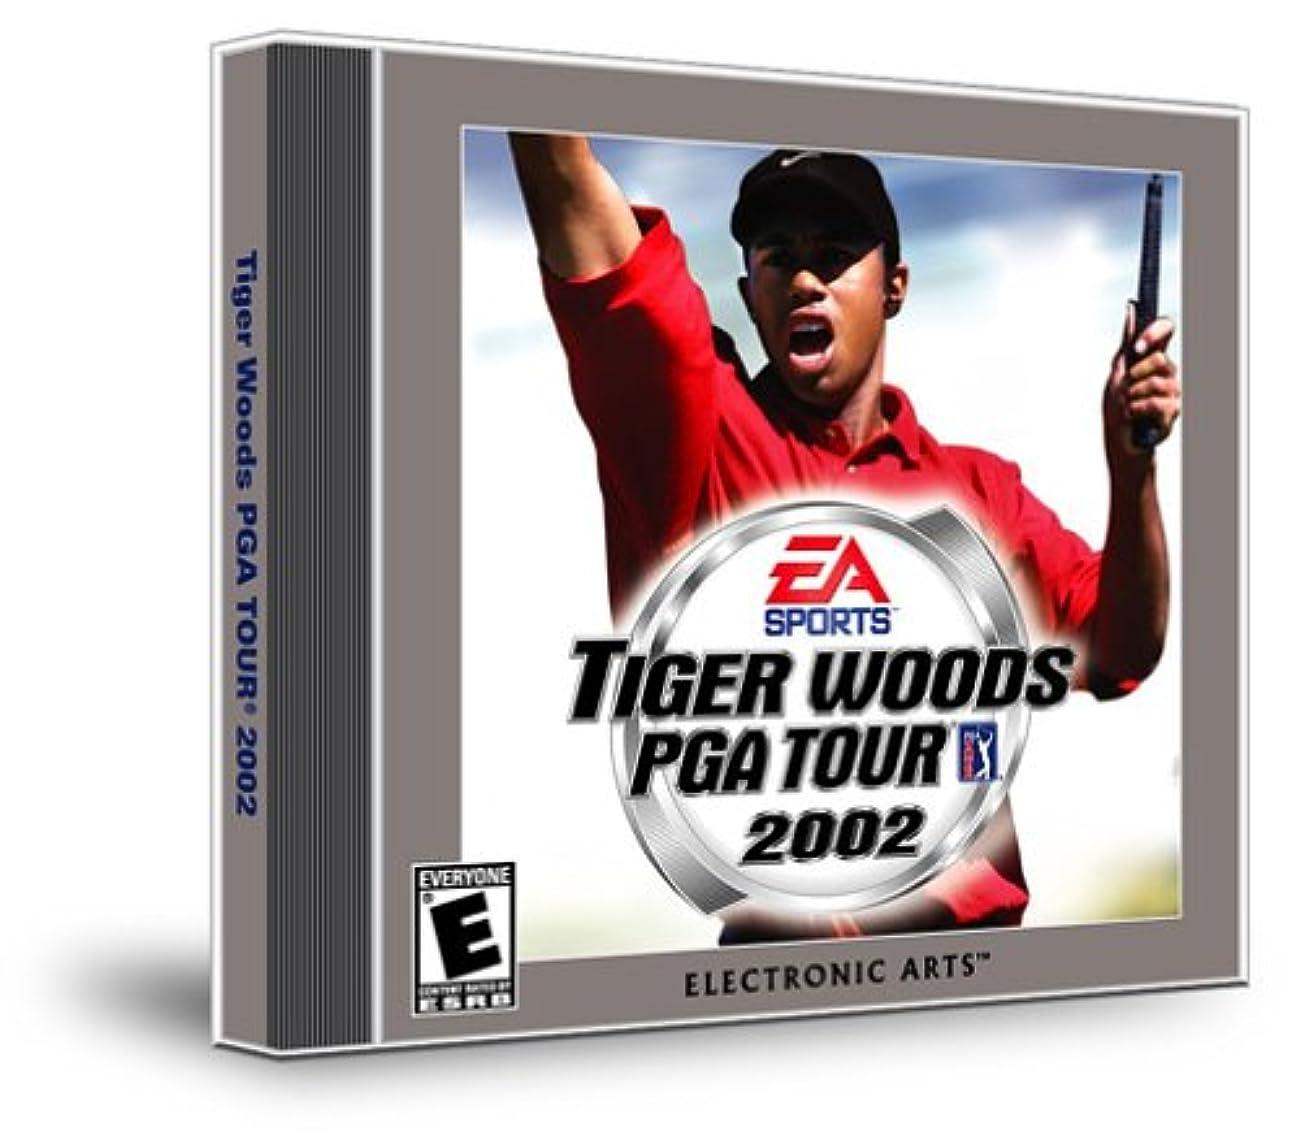 肖像画加速するの量Tiger Woods PGA TOUR 2002 (Jewel Case) (輸入版)